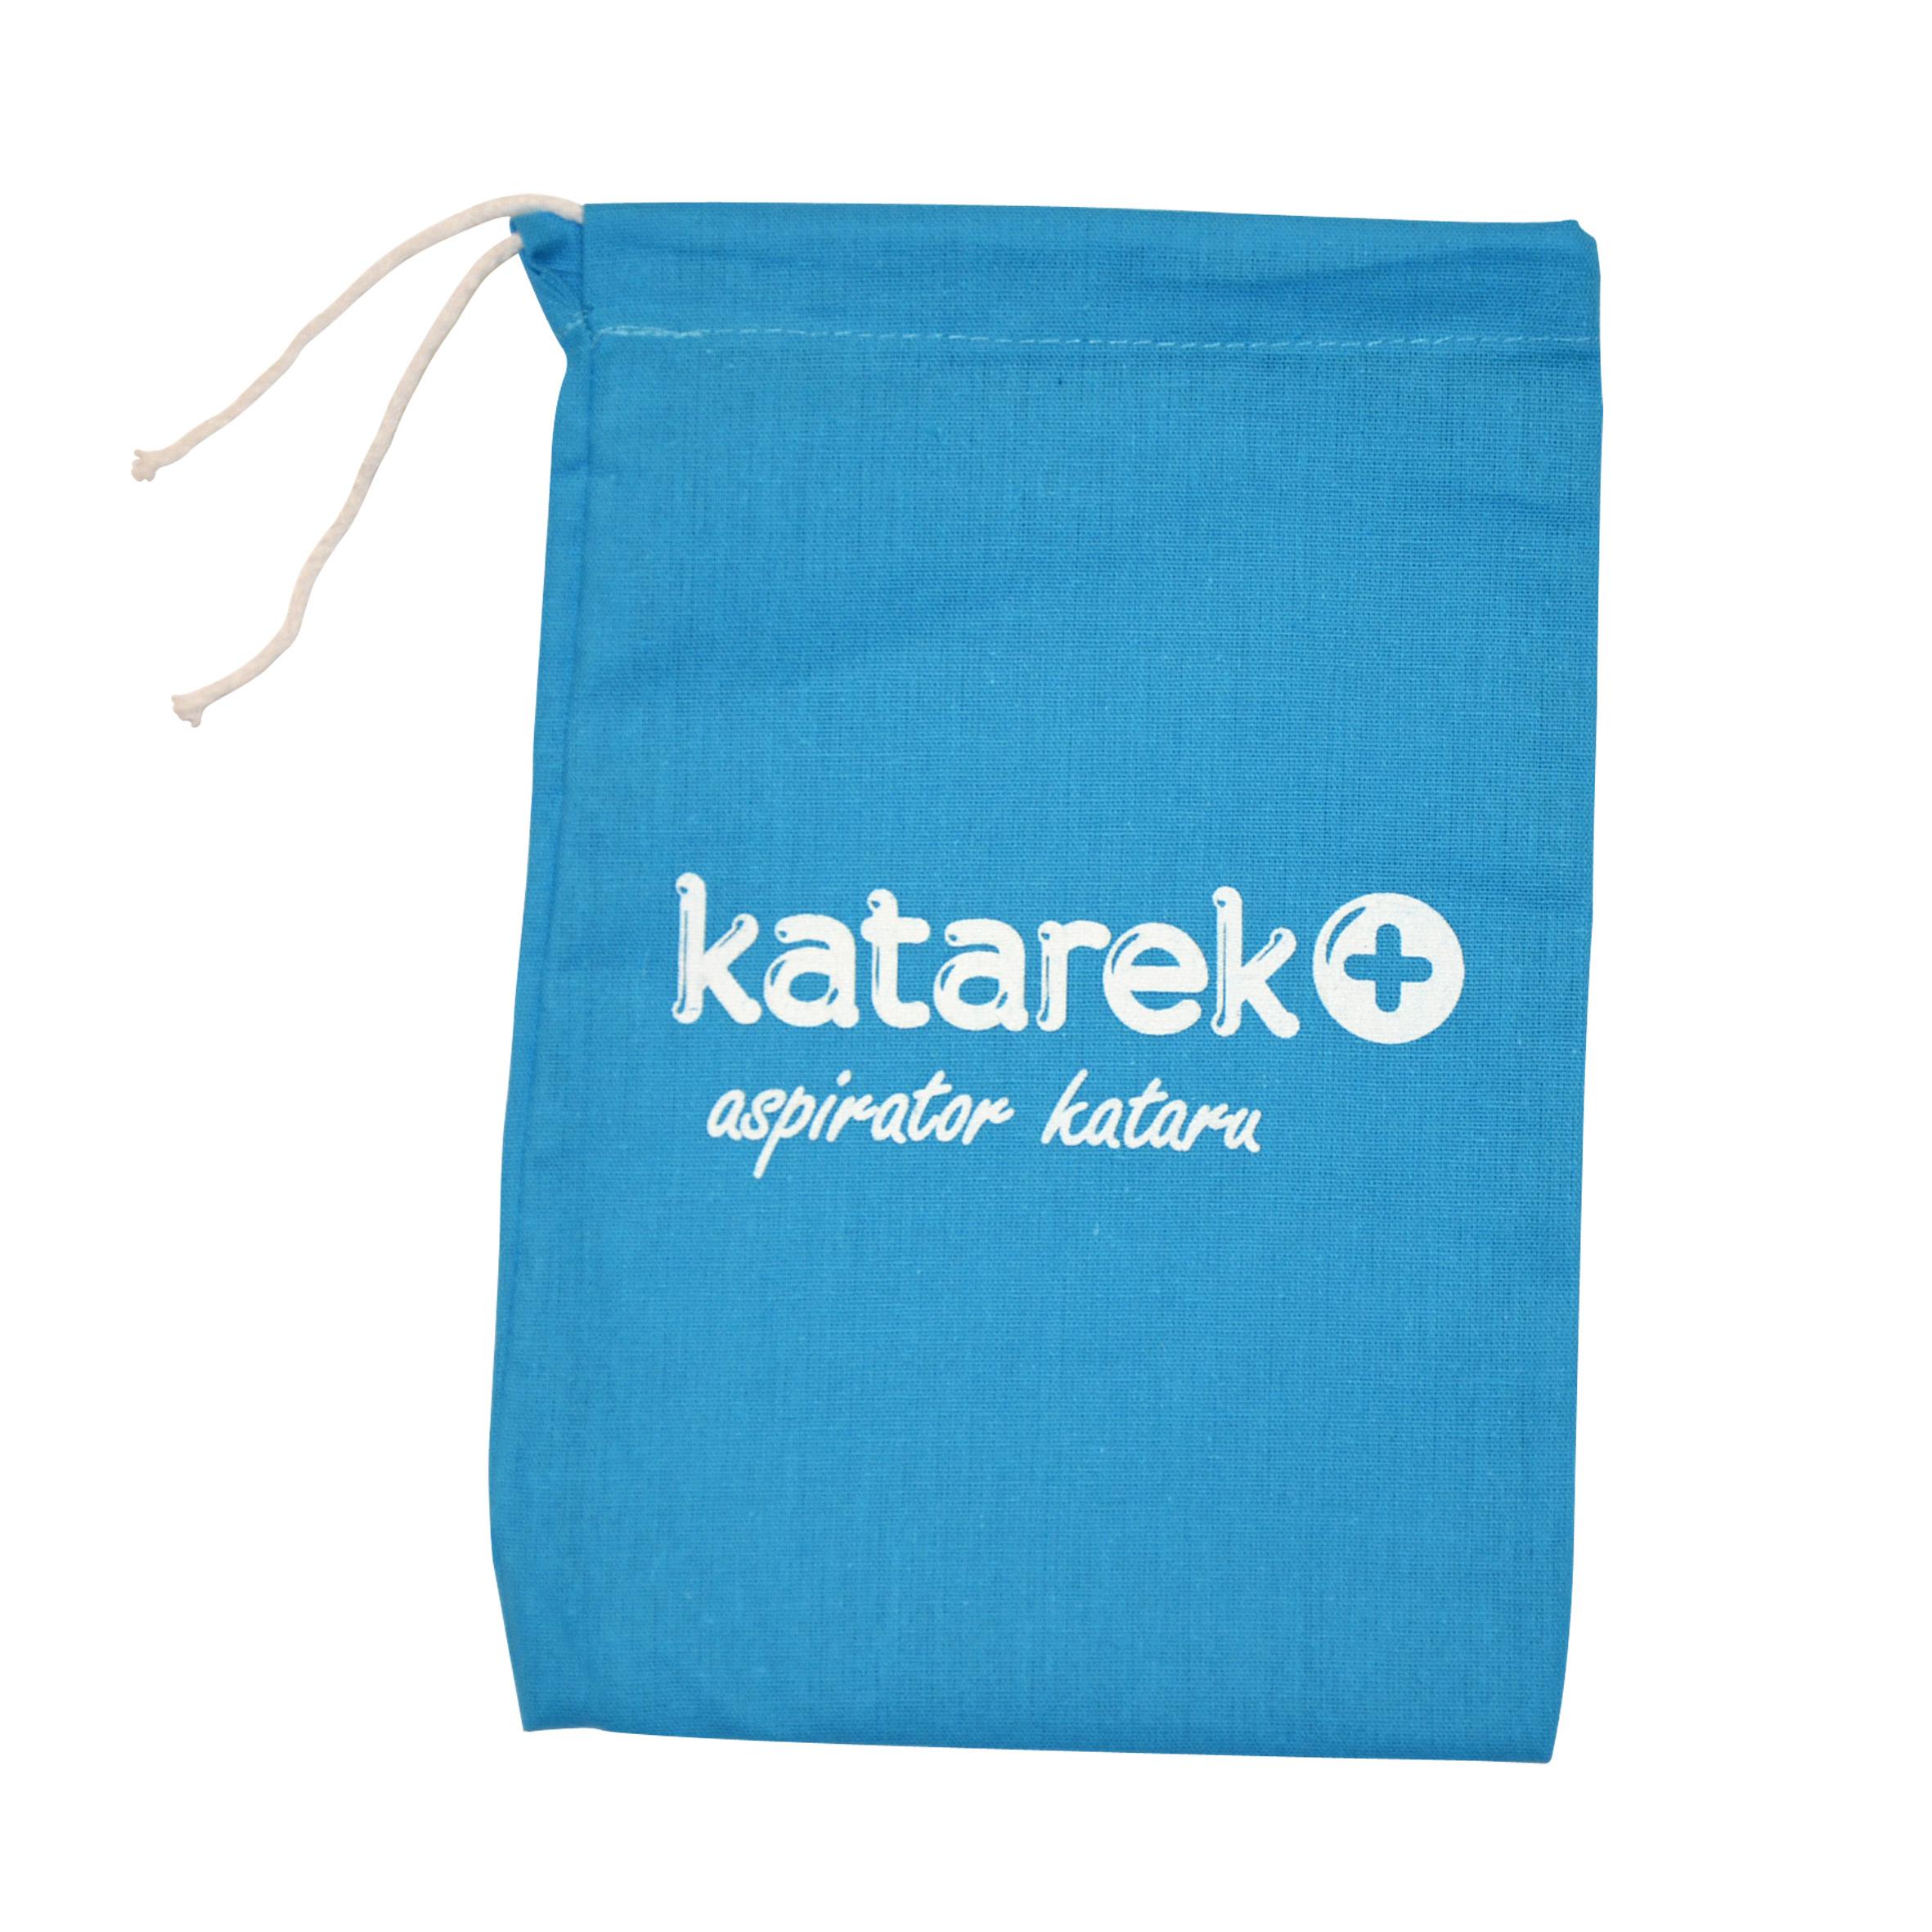 Niebieski woreczek katarek + - aspirator kataru